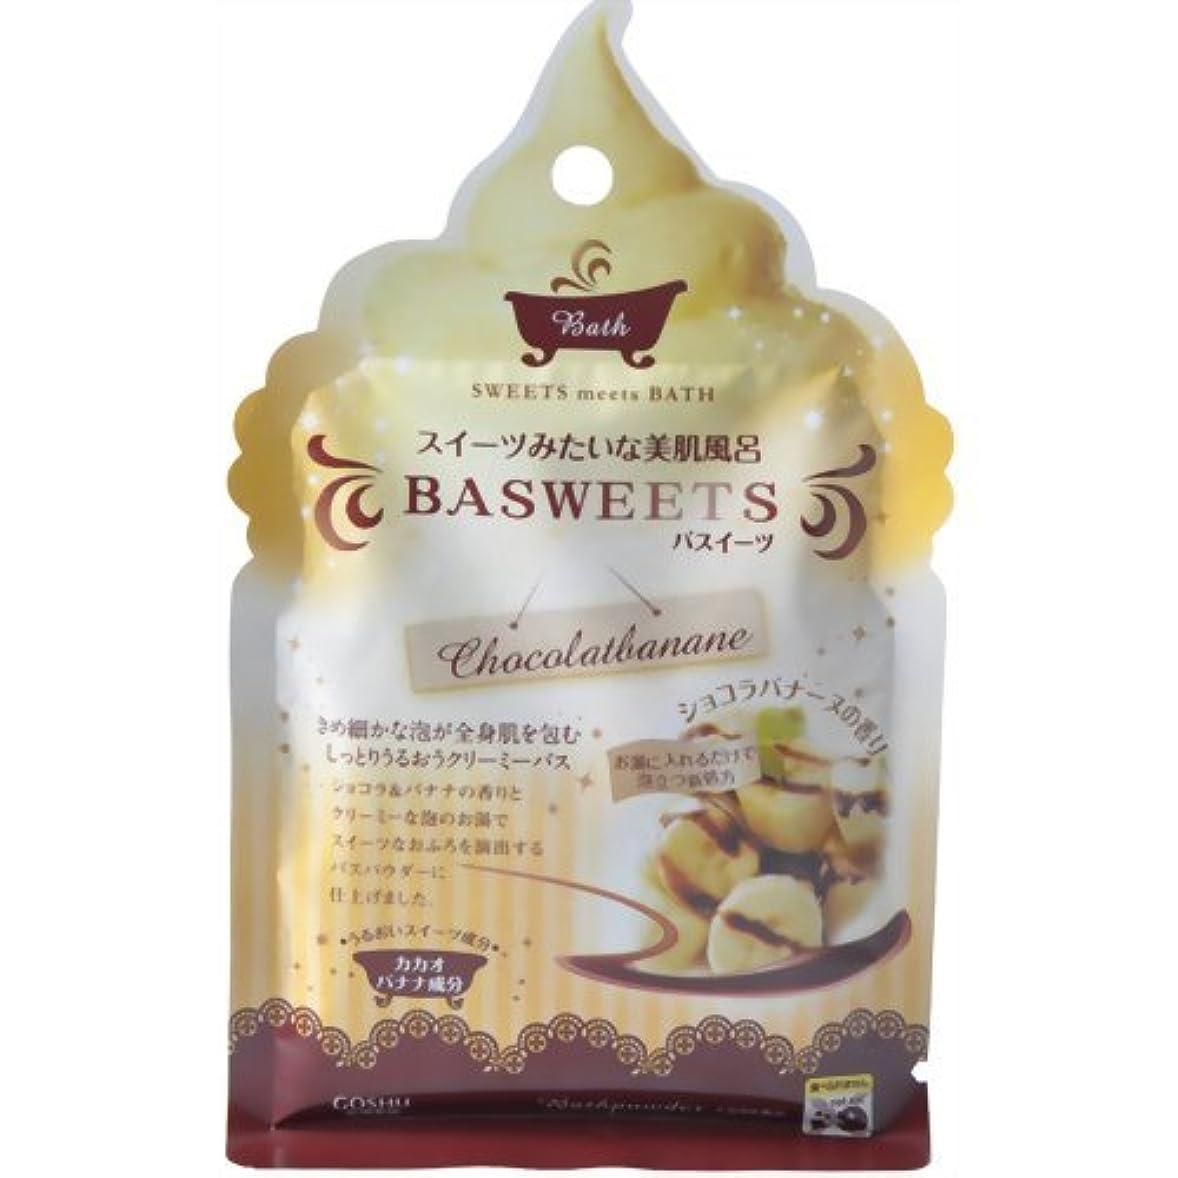 療法メタンリスナーバスイーツ ショコラバナーヌの香り 50g(入浴剤)